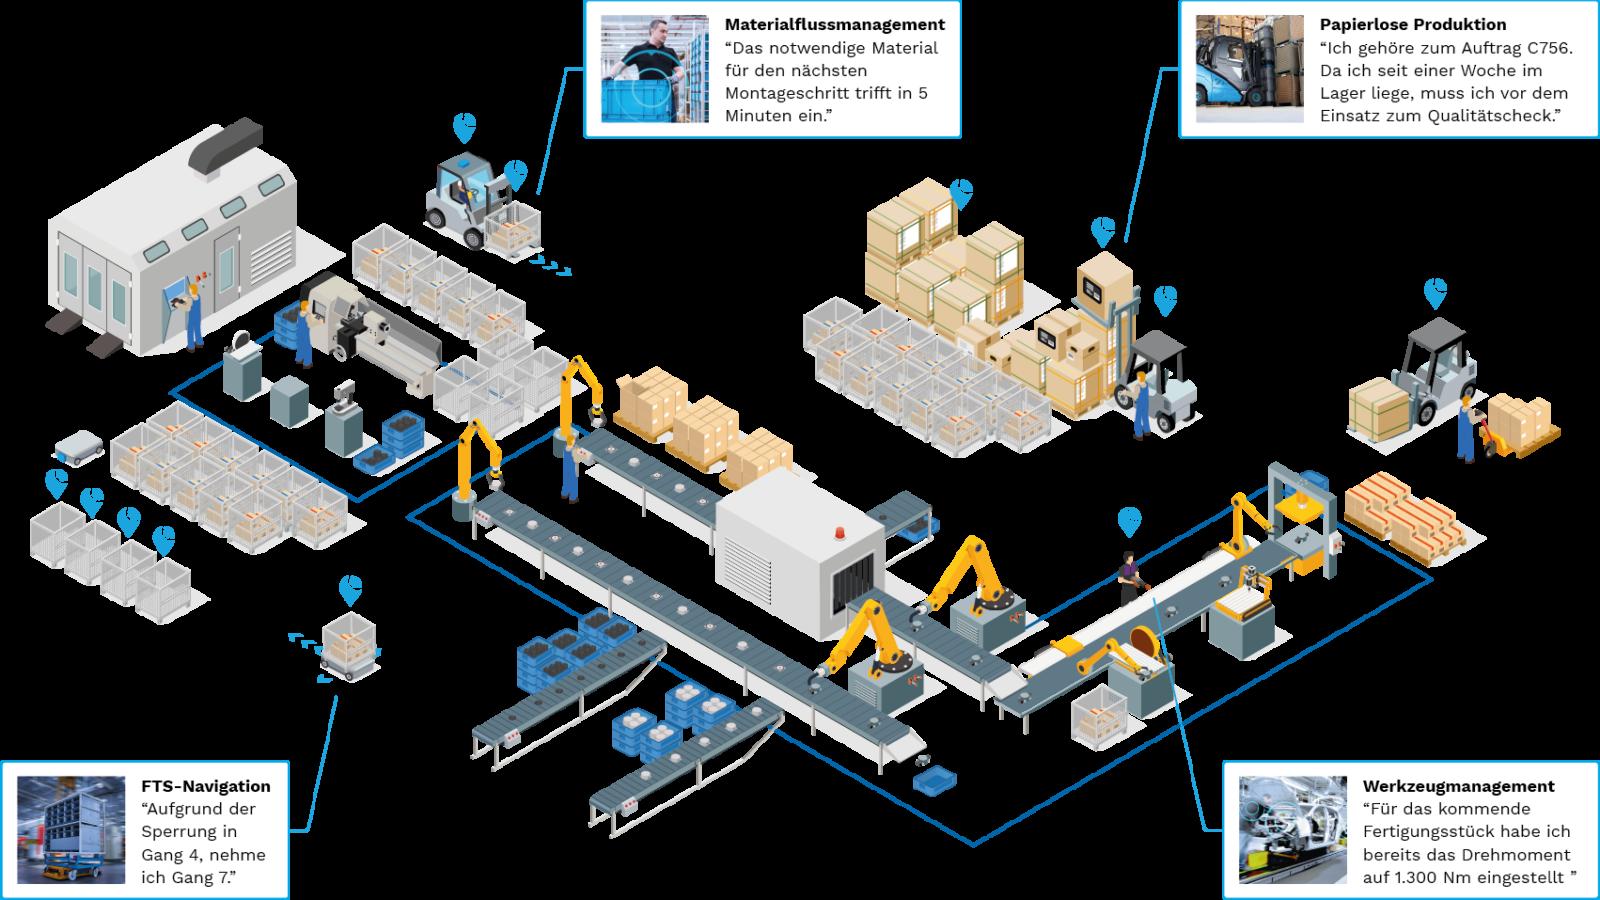 Visualisierung der vielfältigen Anwendungsmöglichkeiten der KINEXON Technologie in der Produktion